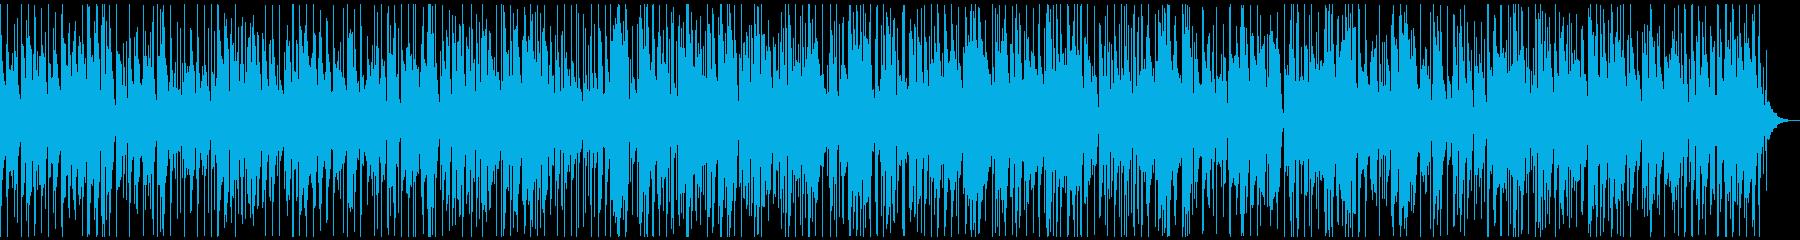 モダンな雰囲気のボサノバの再生済みの波形